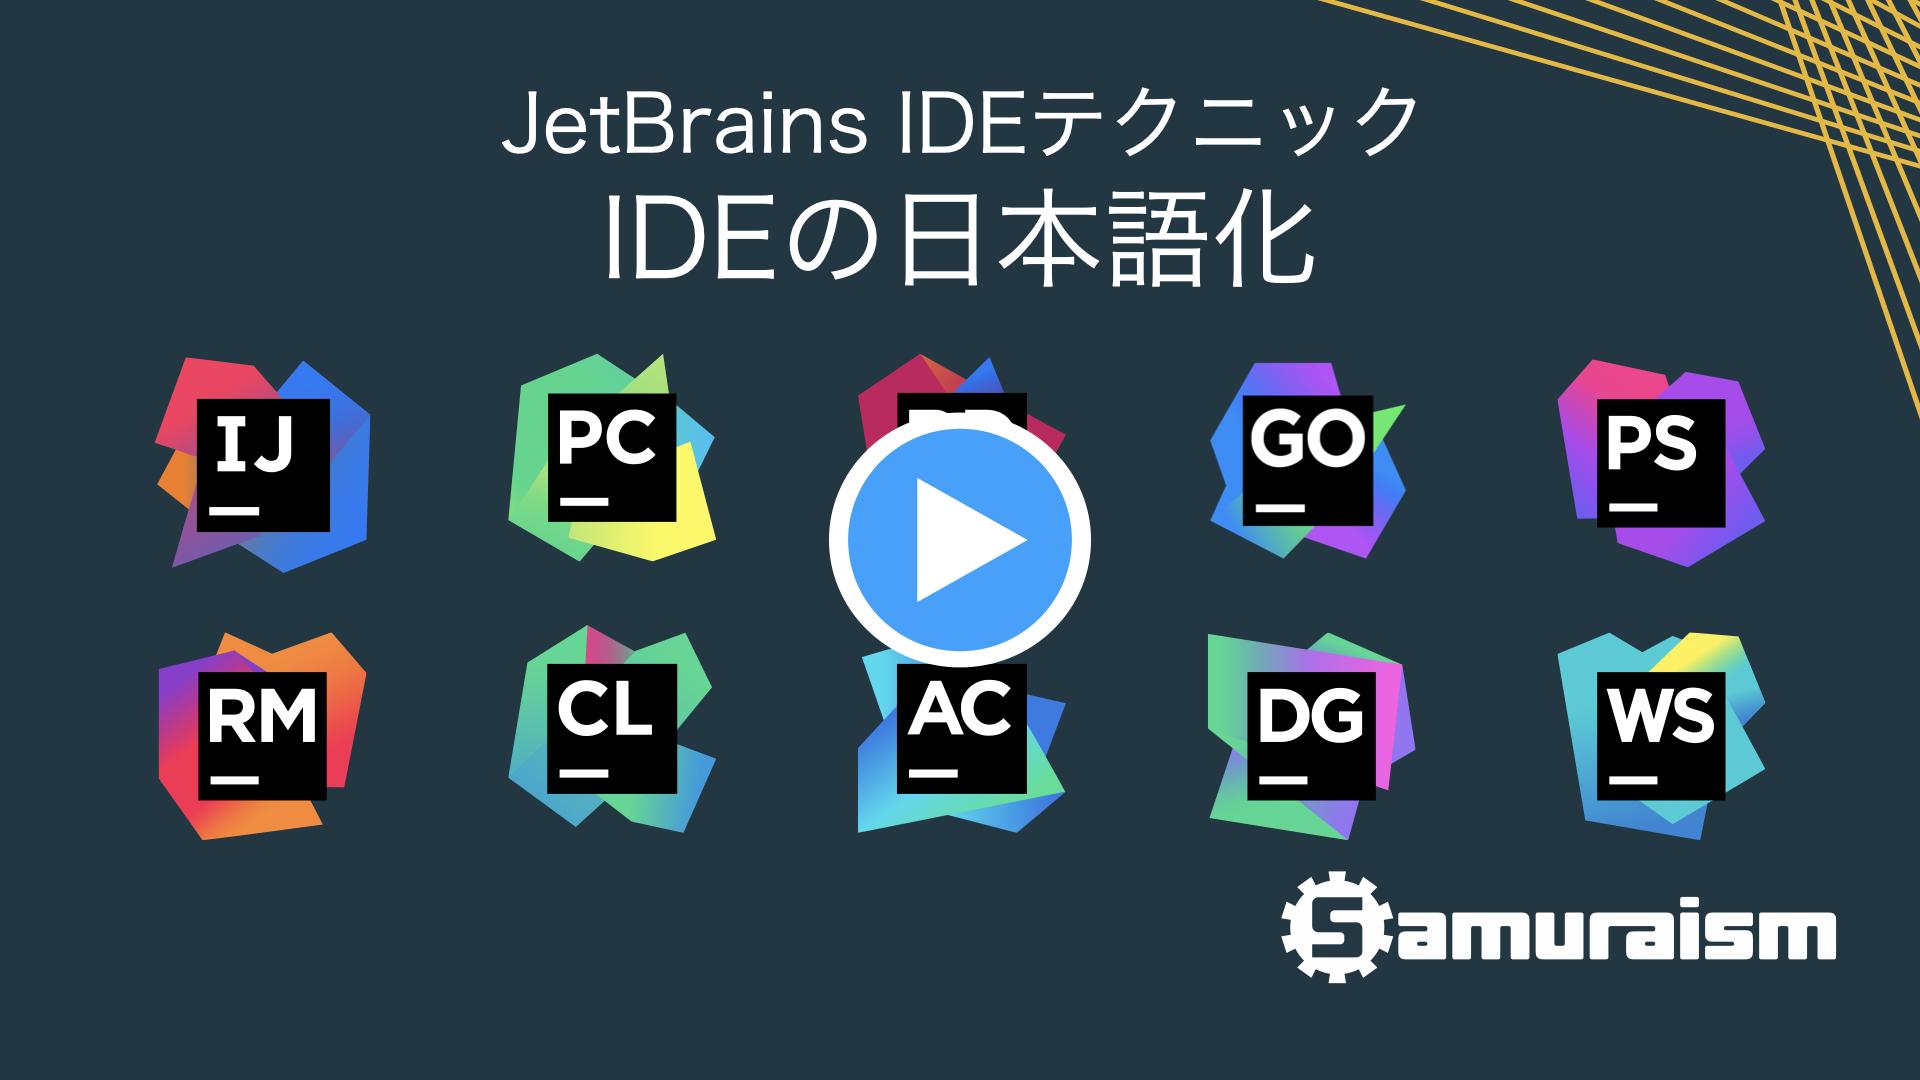 #JetBrainsIDEテクニック – IDE日本語化